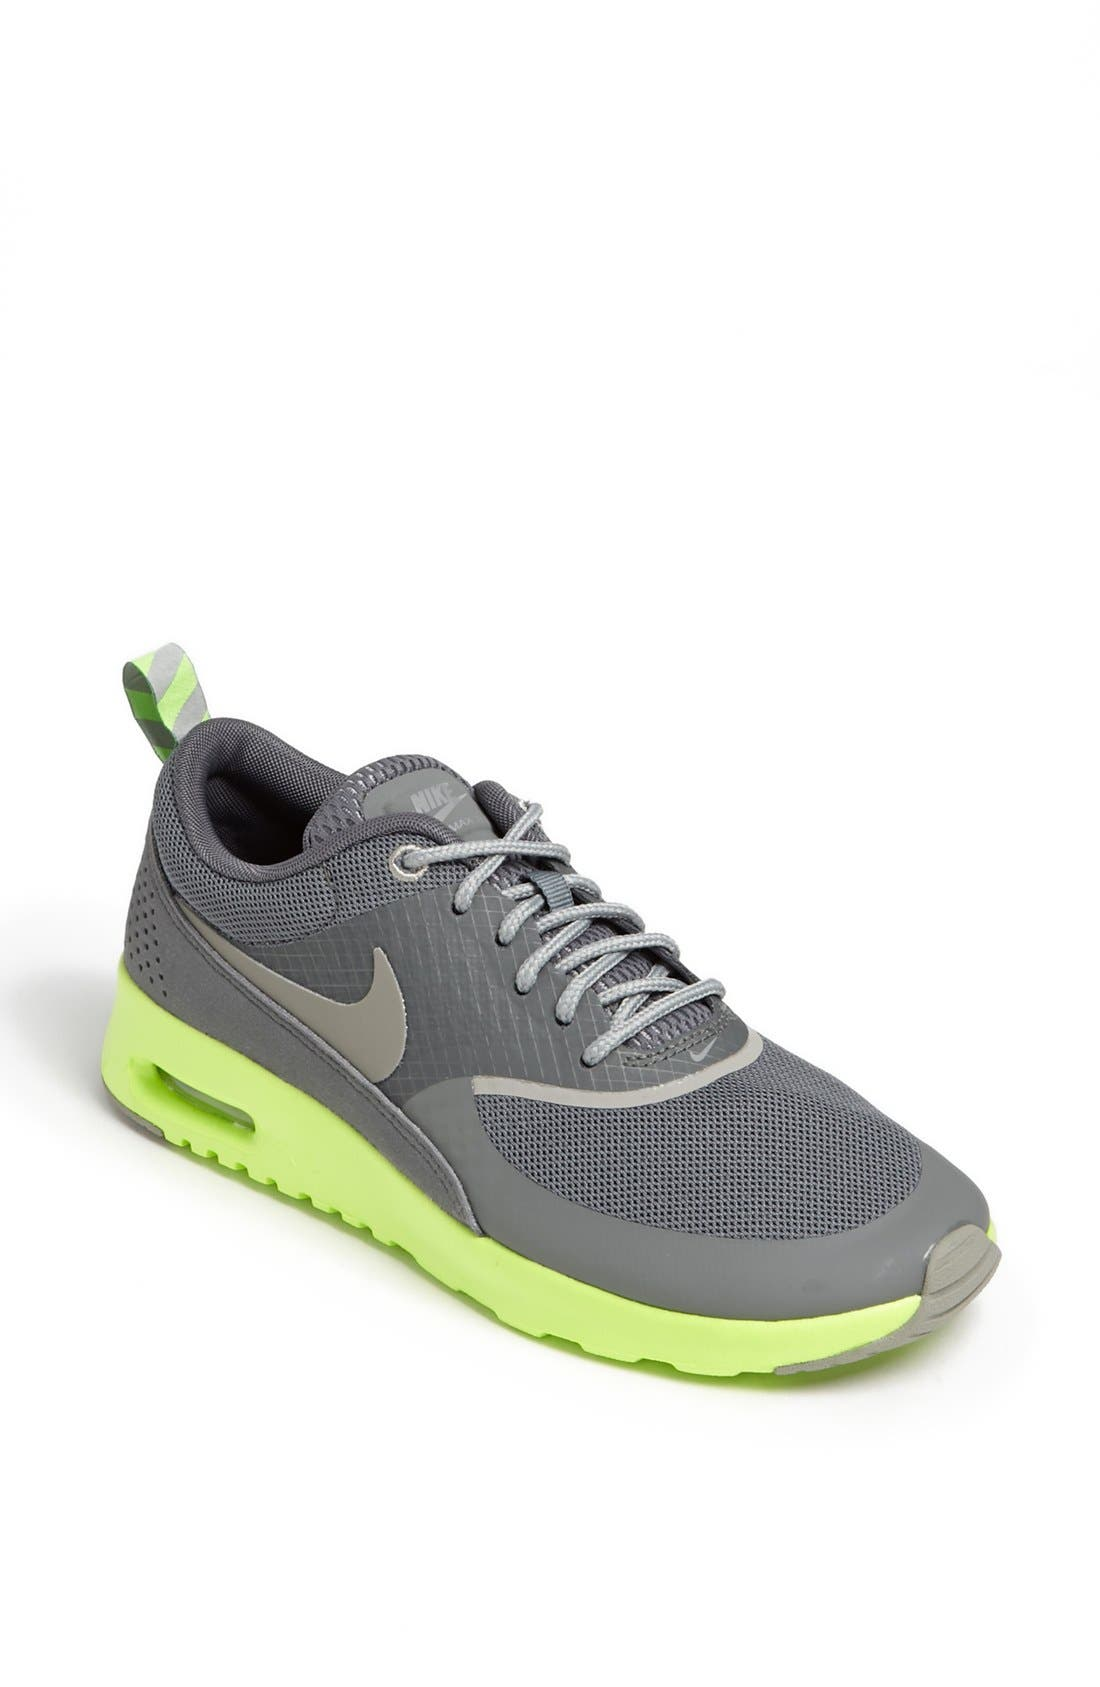 Alternate Image 1 Selected - Nike Air Max Thea Sneaker (Women)